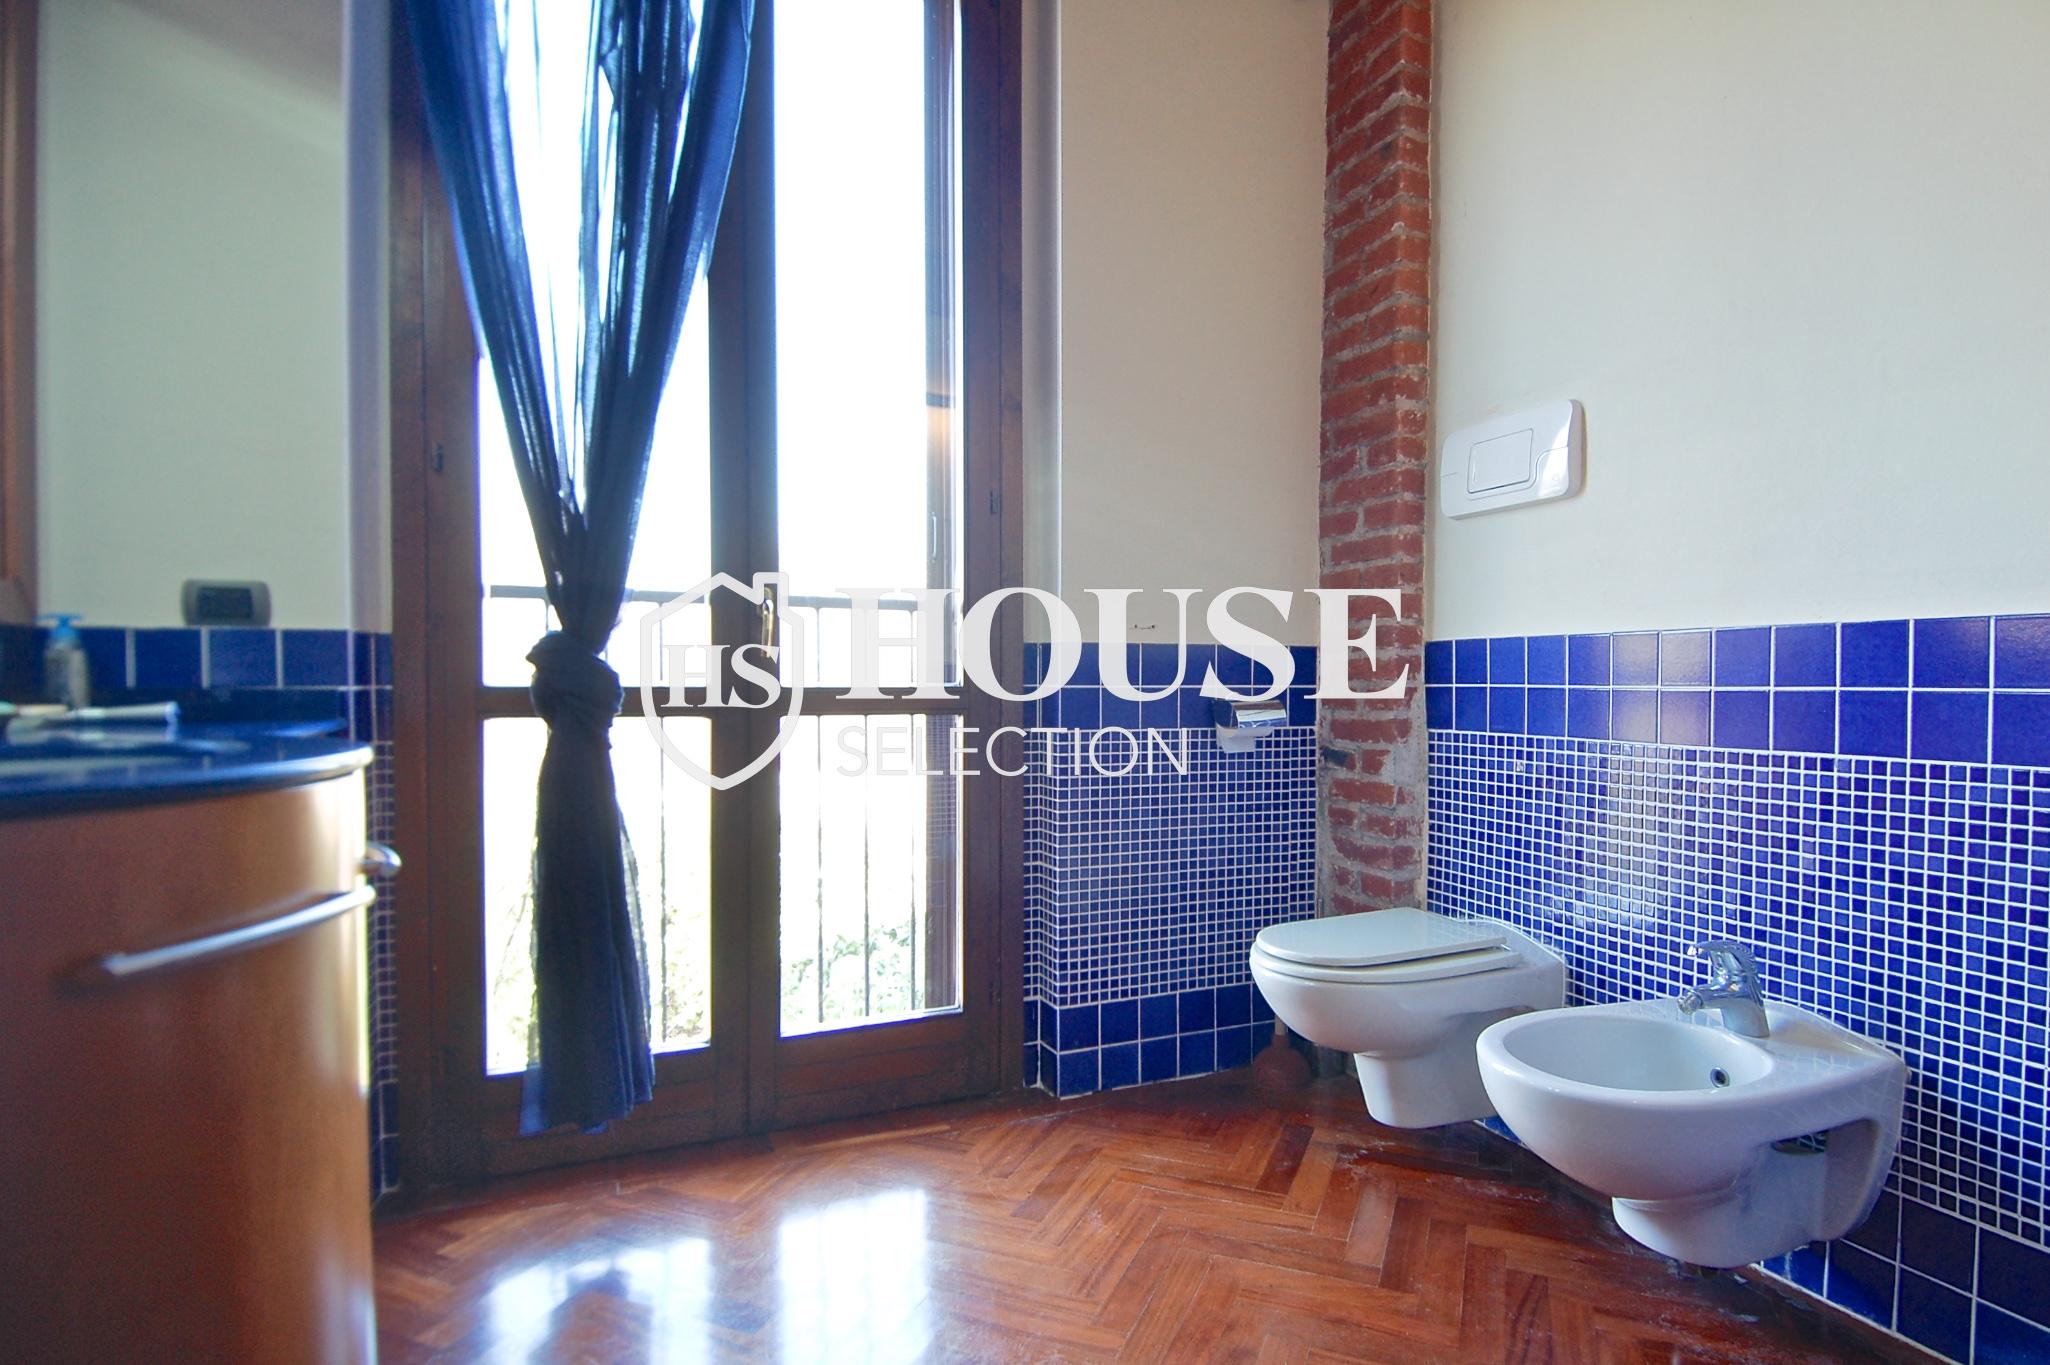 Affitto villa Basiglio, con giardino, ristrutturata, aria condizionata, corte interna, box auto, Milano 8